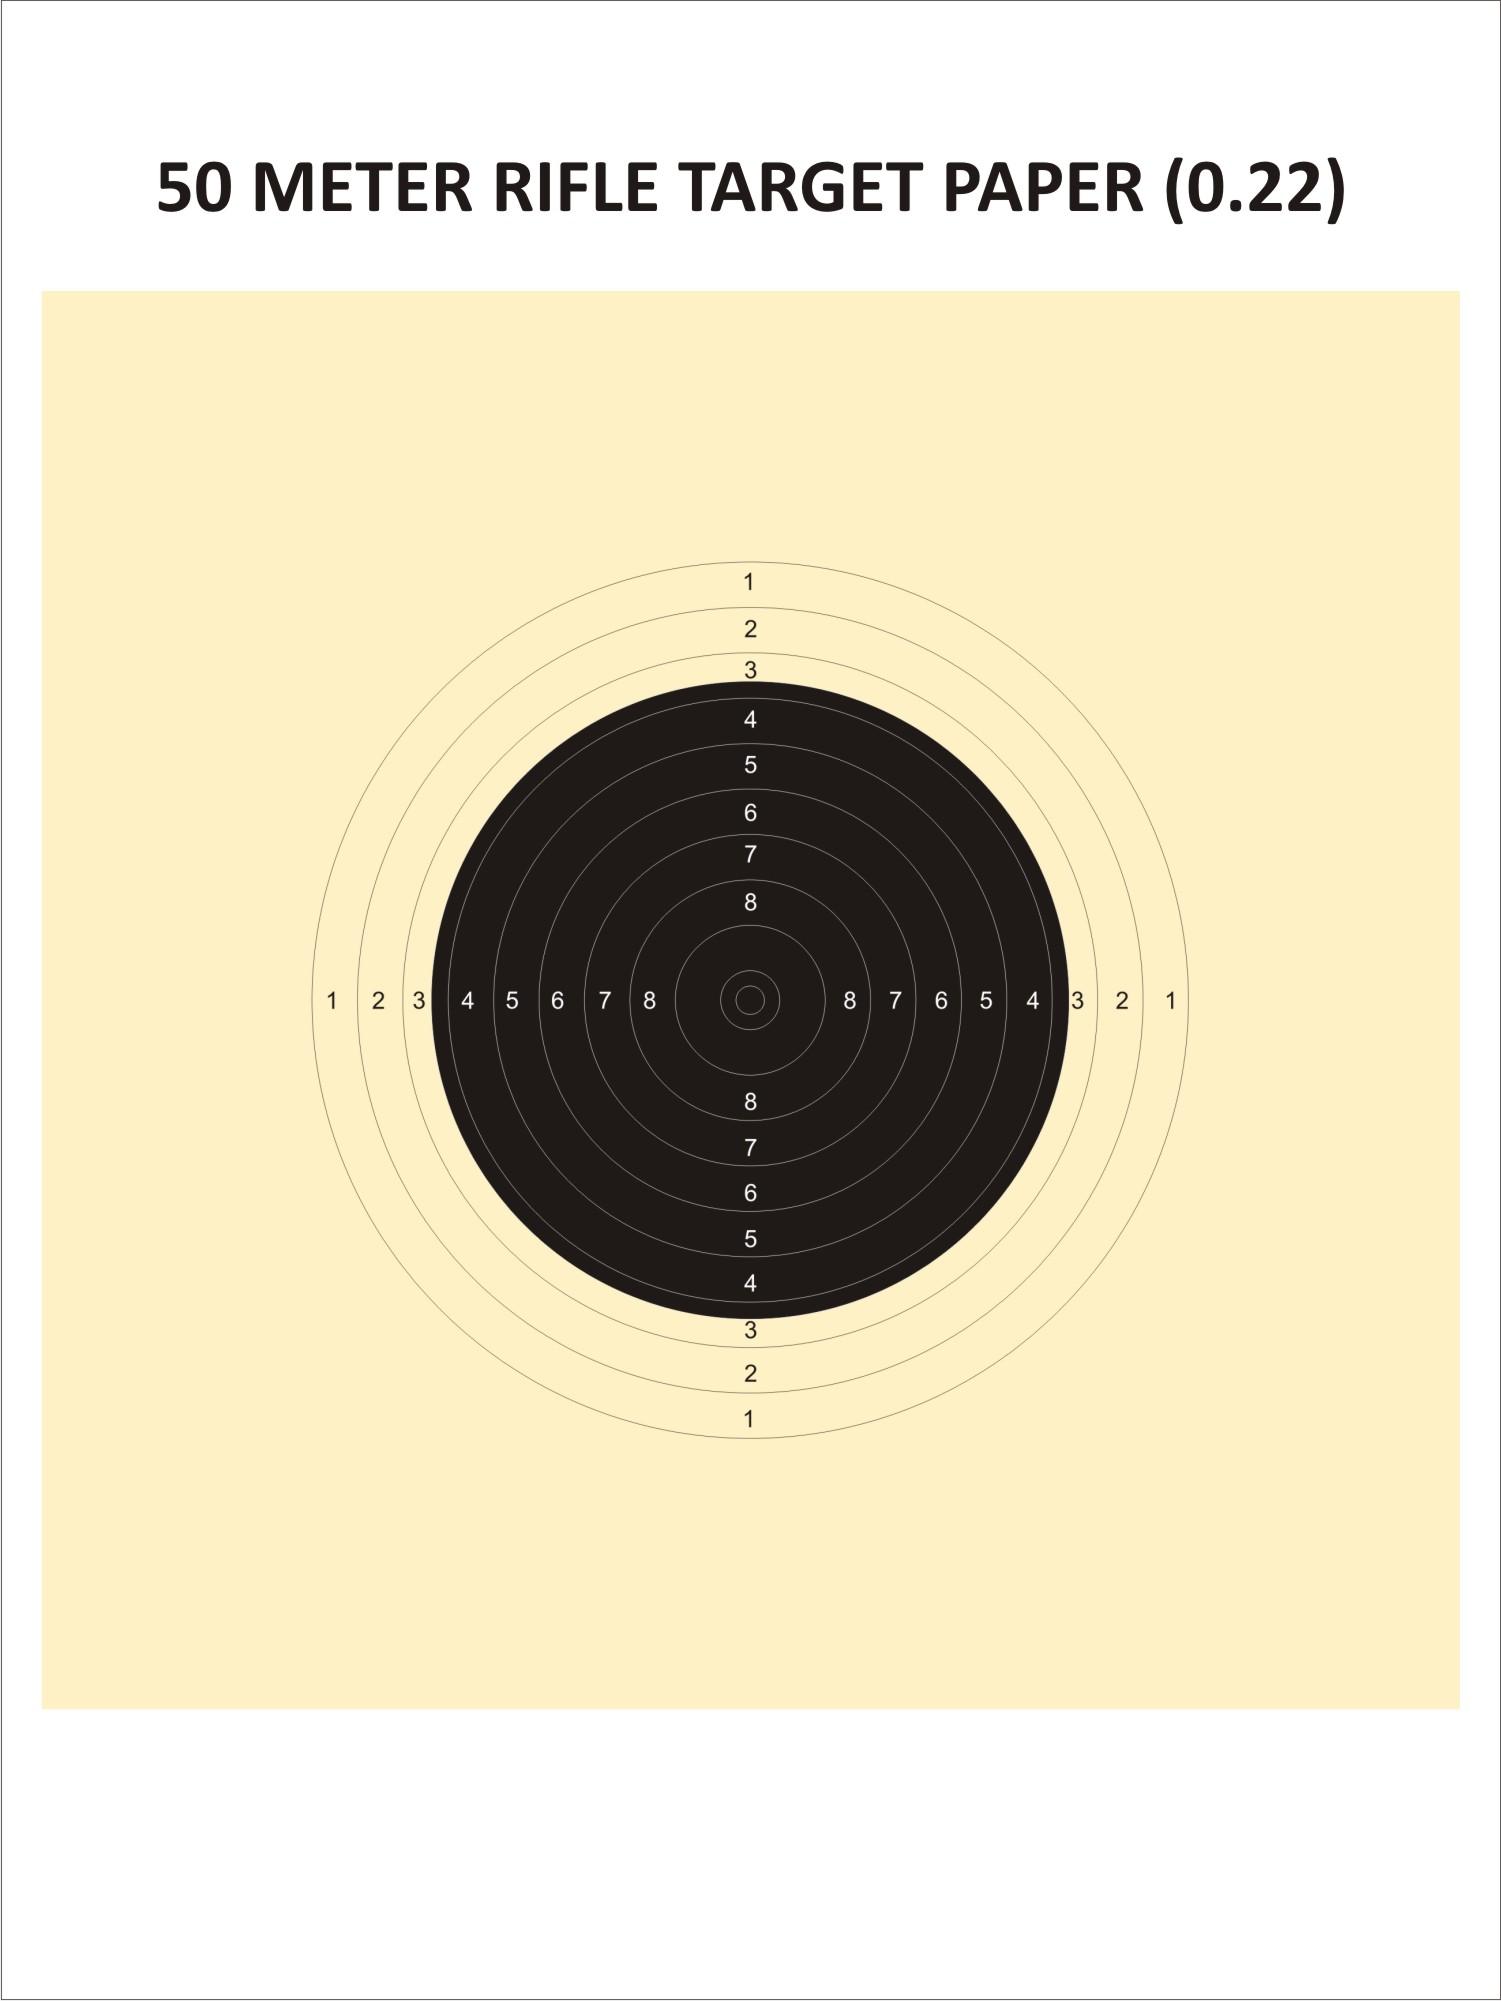 Rifle Target(50 Metres)